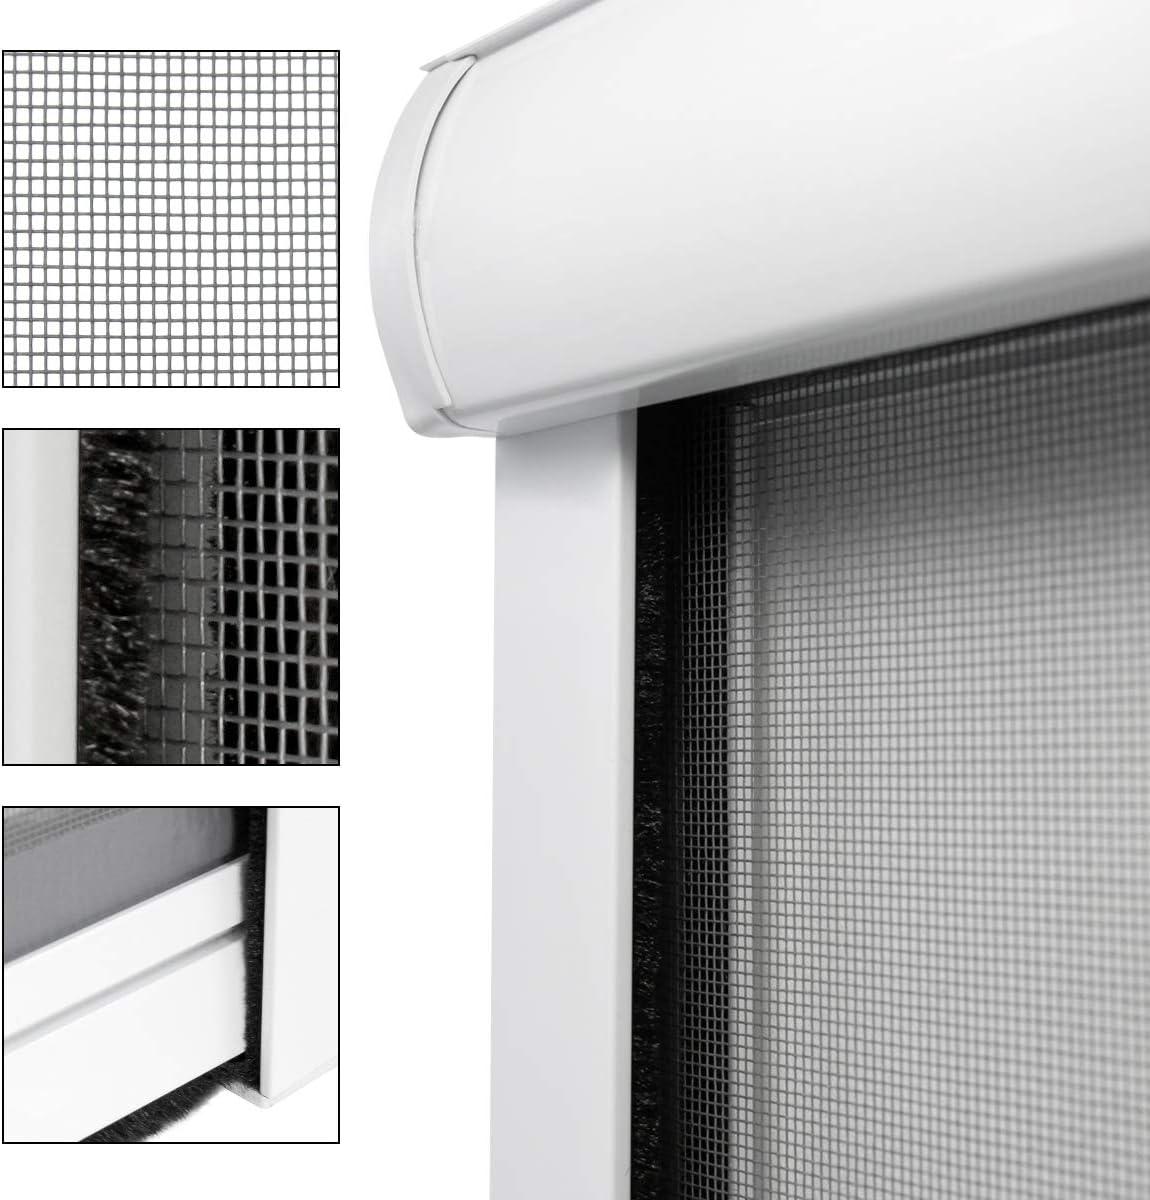 ECD Germany Mosquitera Cortina Enrollable Blanco Resistente a la Intemperie 100x160 cm Tela de Fibra de Vidrio Marco de Aluminio Sin Perforación Malla Protectora Hogar contra Insectos y Mosquitos: Amazon.es: Hogar